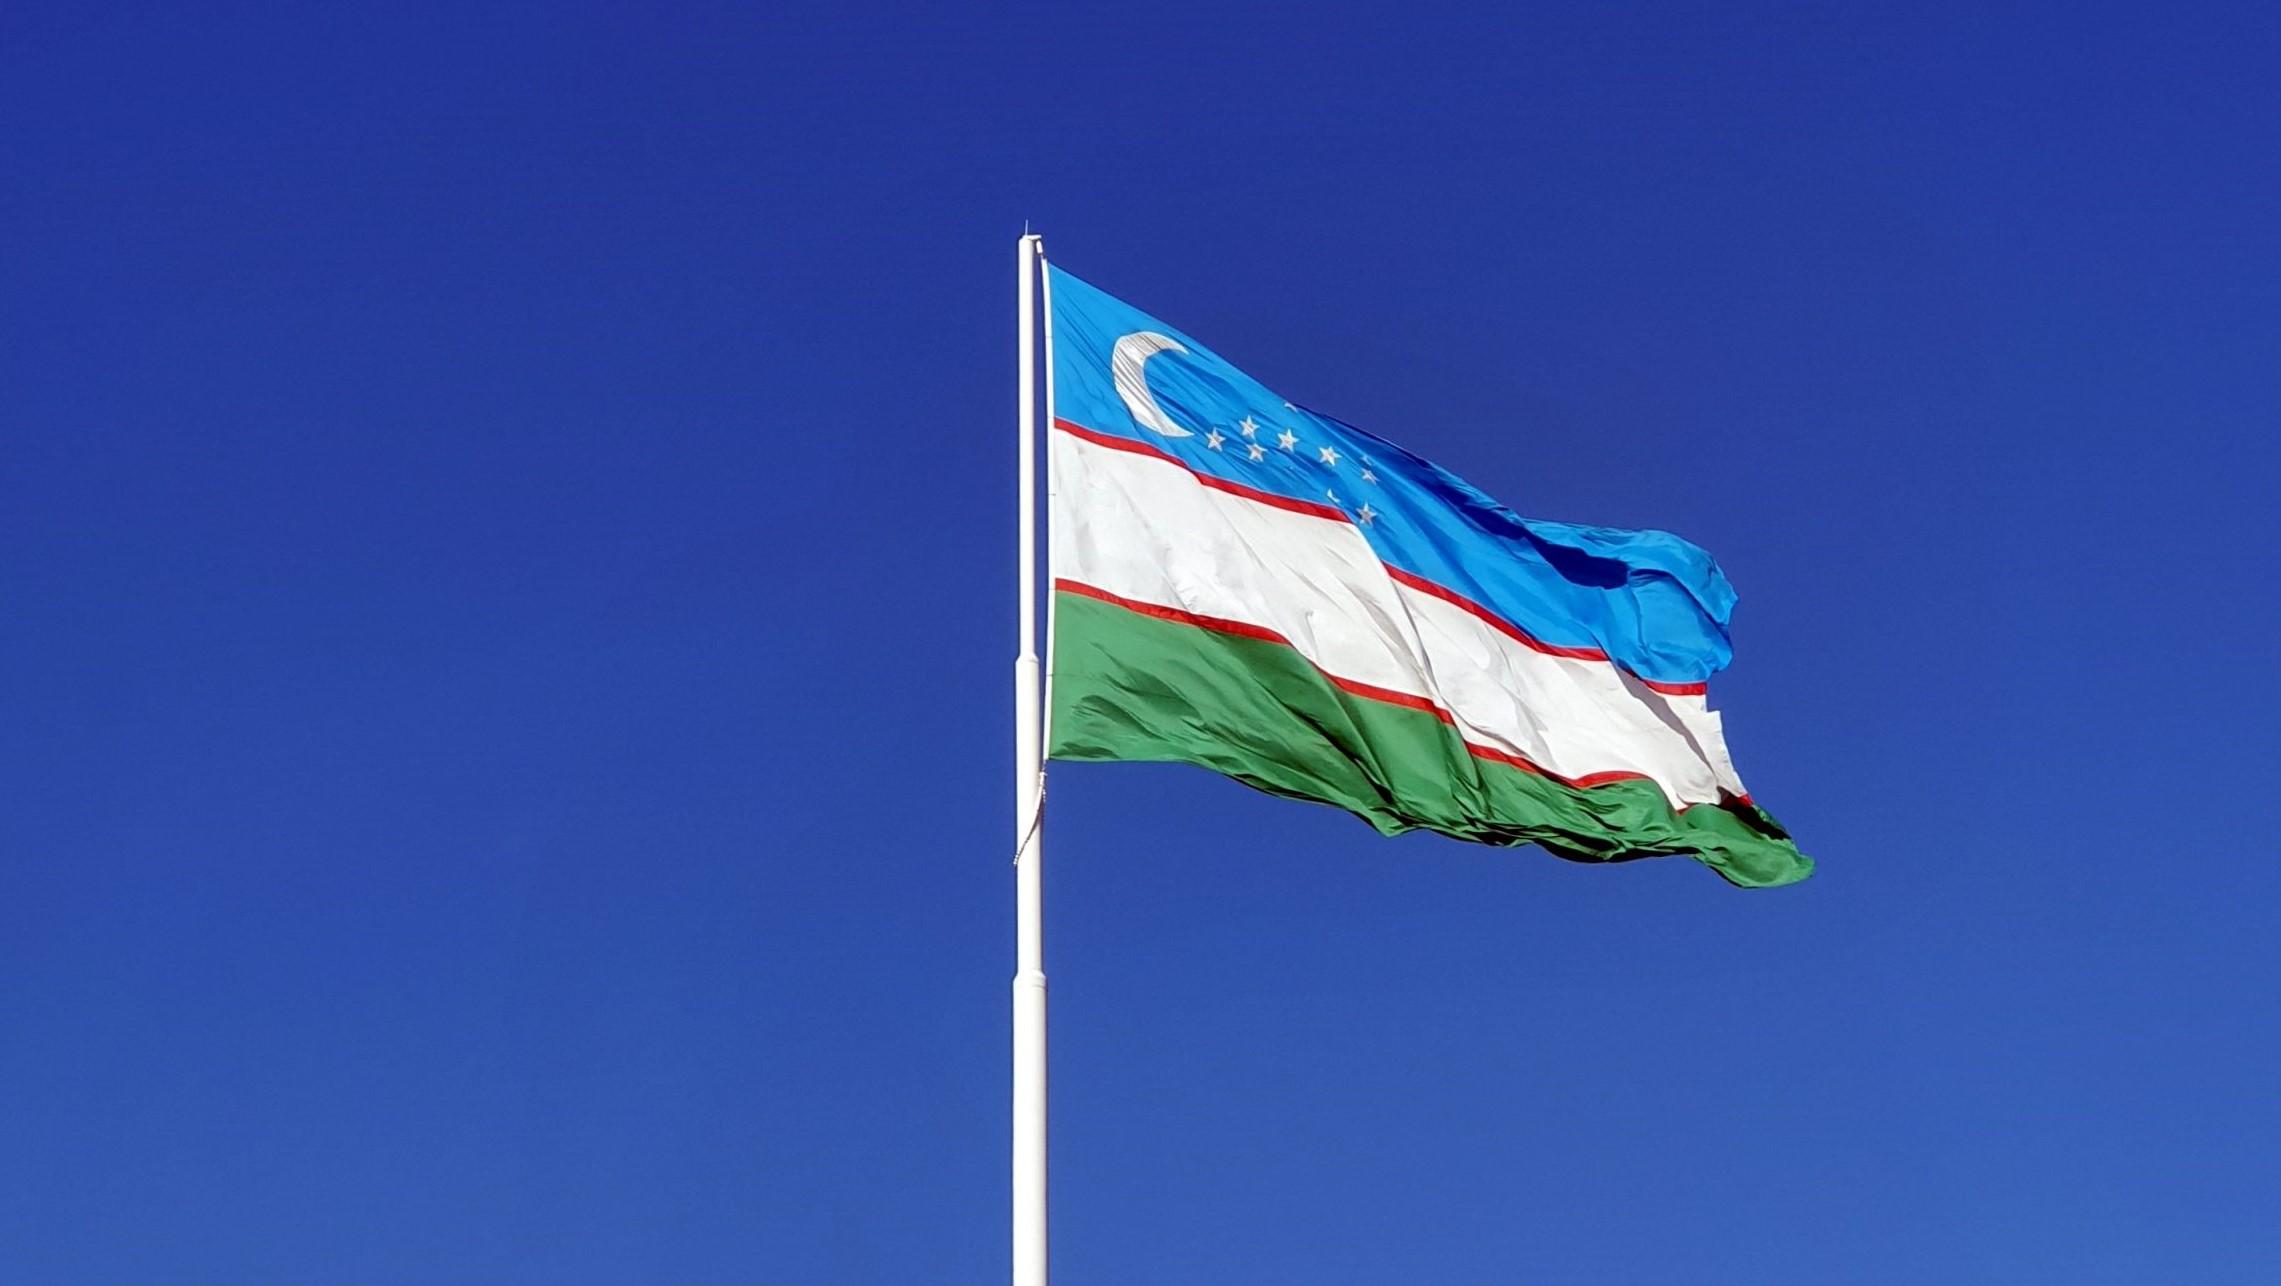 Впервые Узбекистан попал в список лучших стран мира